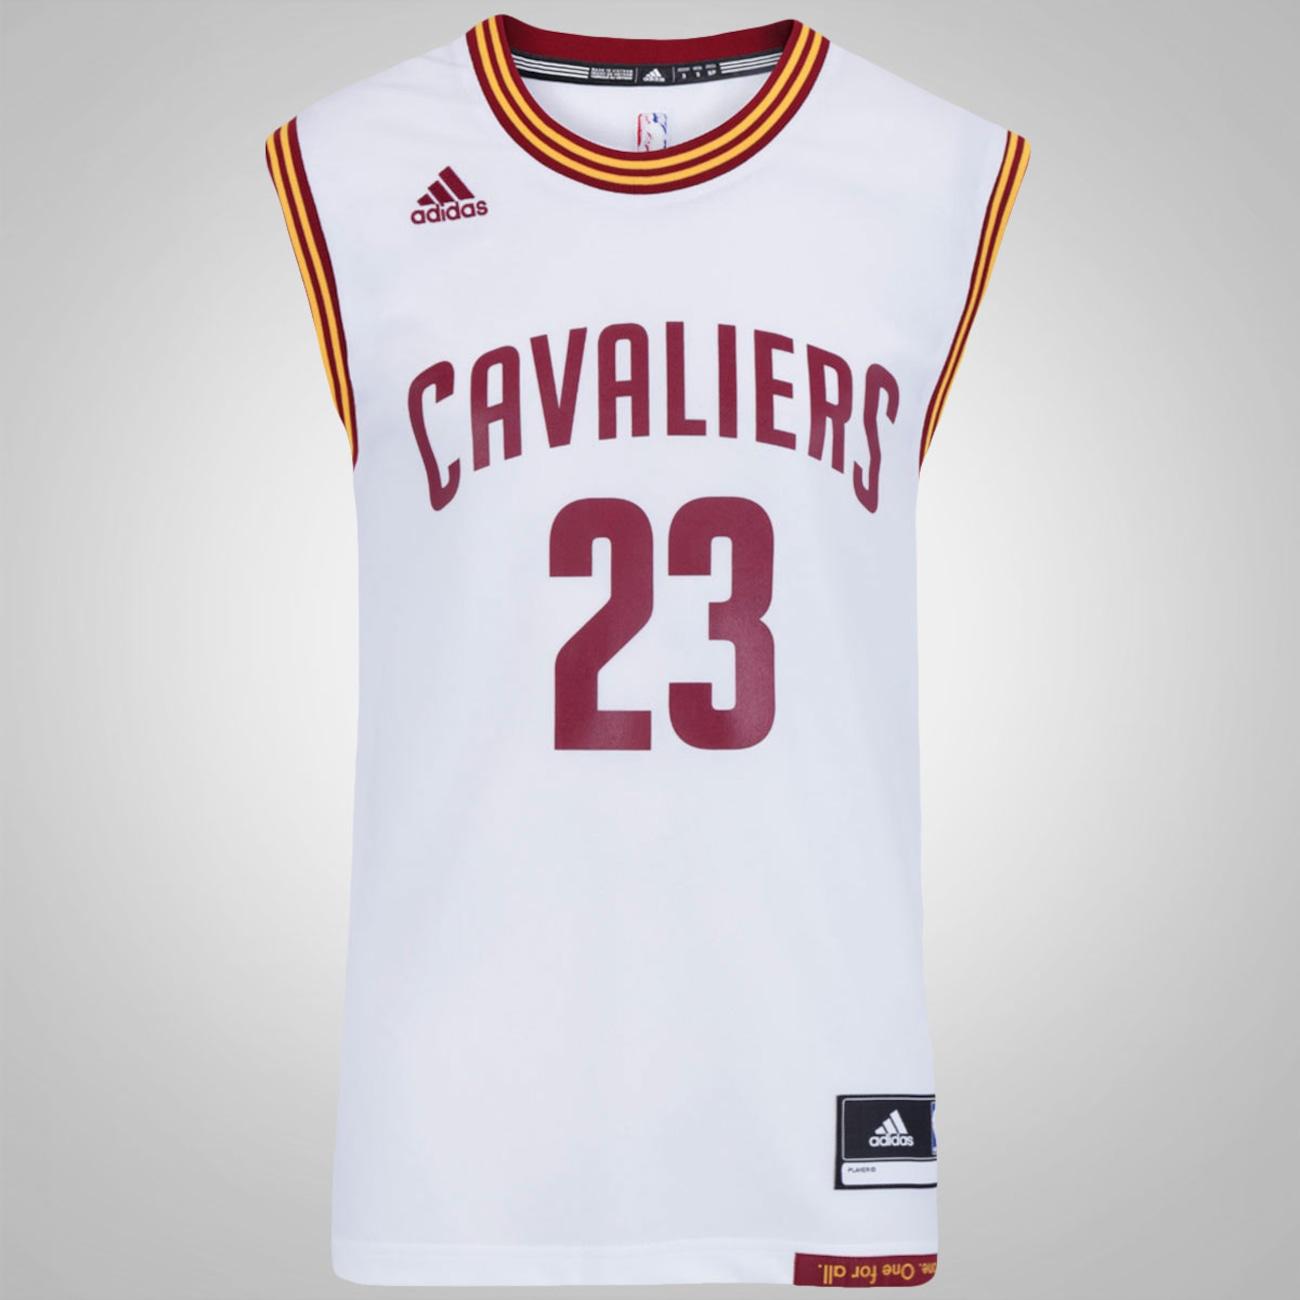 salir La ciudad Eficiente  Camiseta Regata adidas NBA Cleveland Cavaliers - Masculina - Centauro